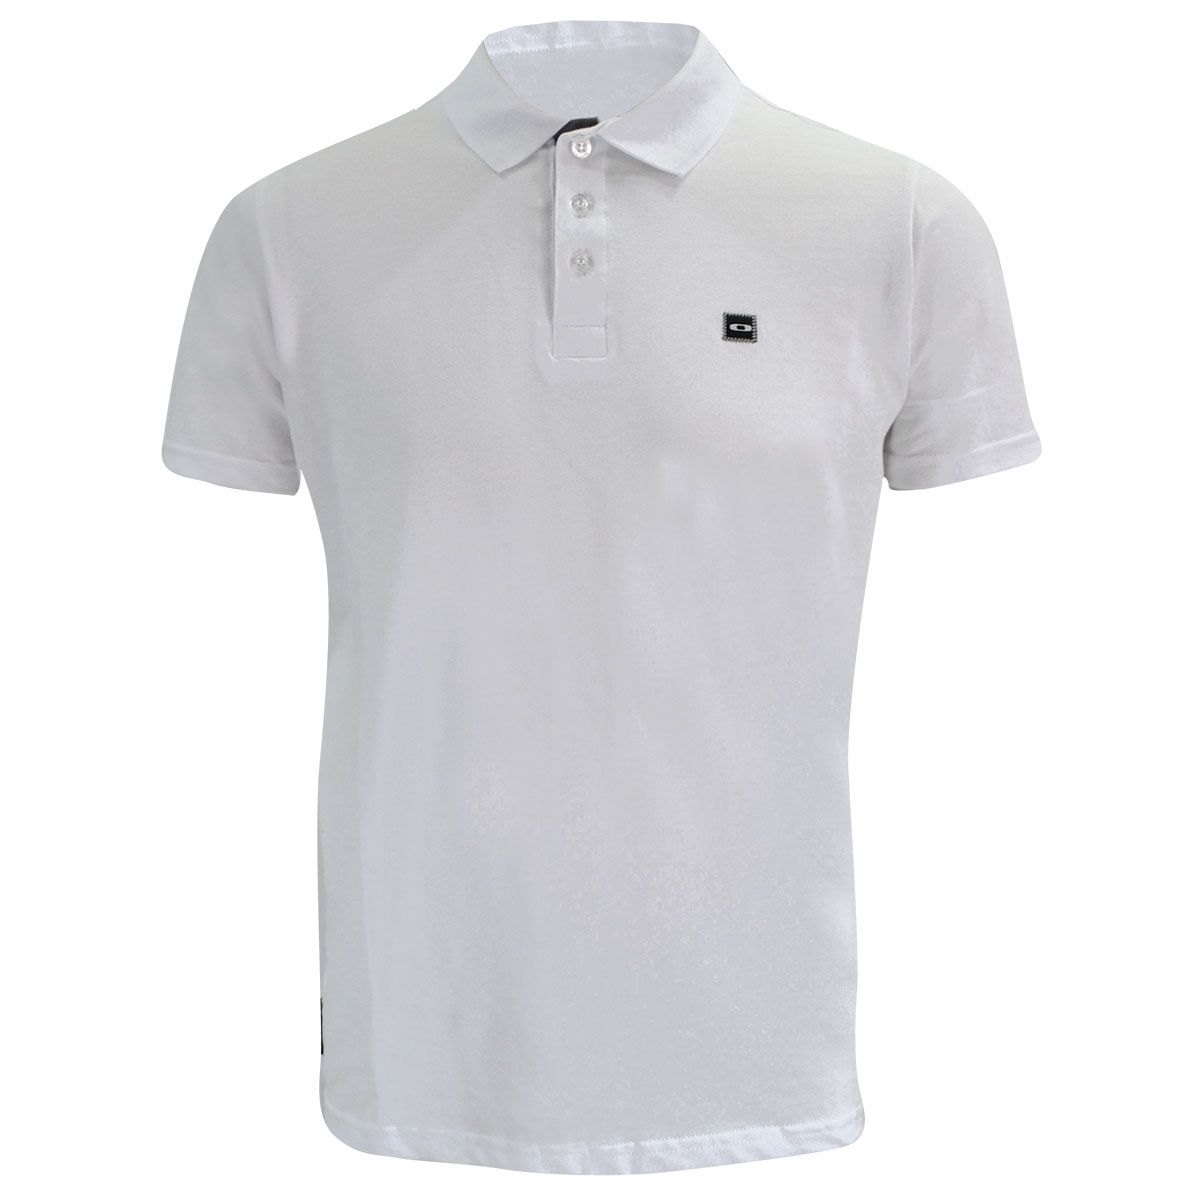 Camisa Polo Oakley Essential 2.0 Branca LANÇAMENTO ref 433094 c4d765a5a6382